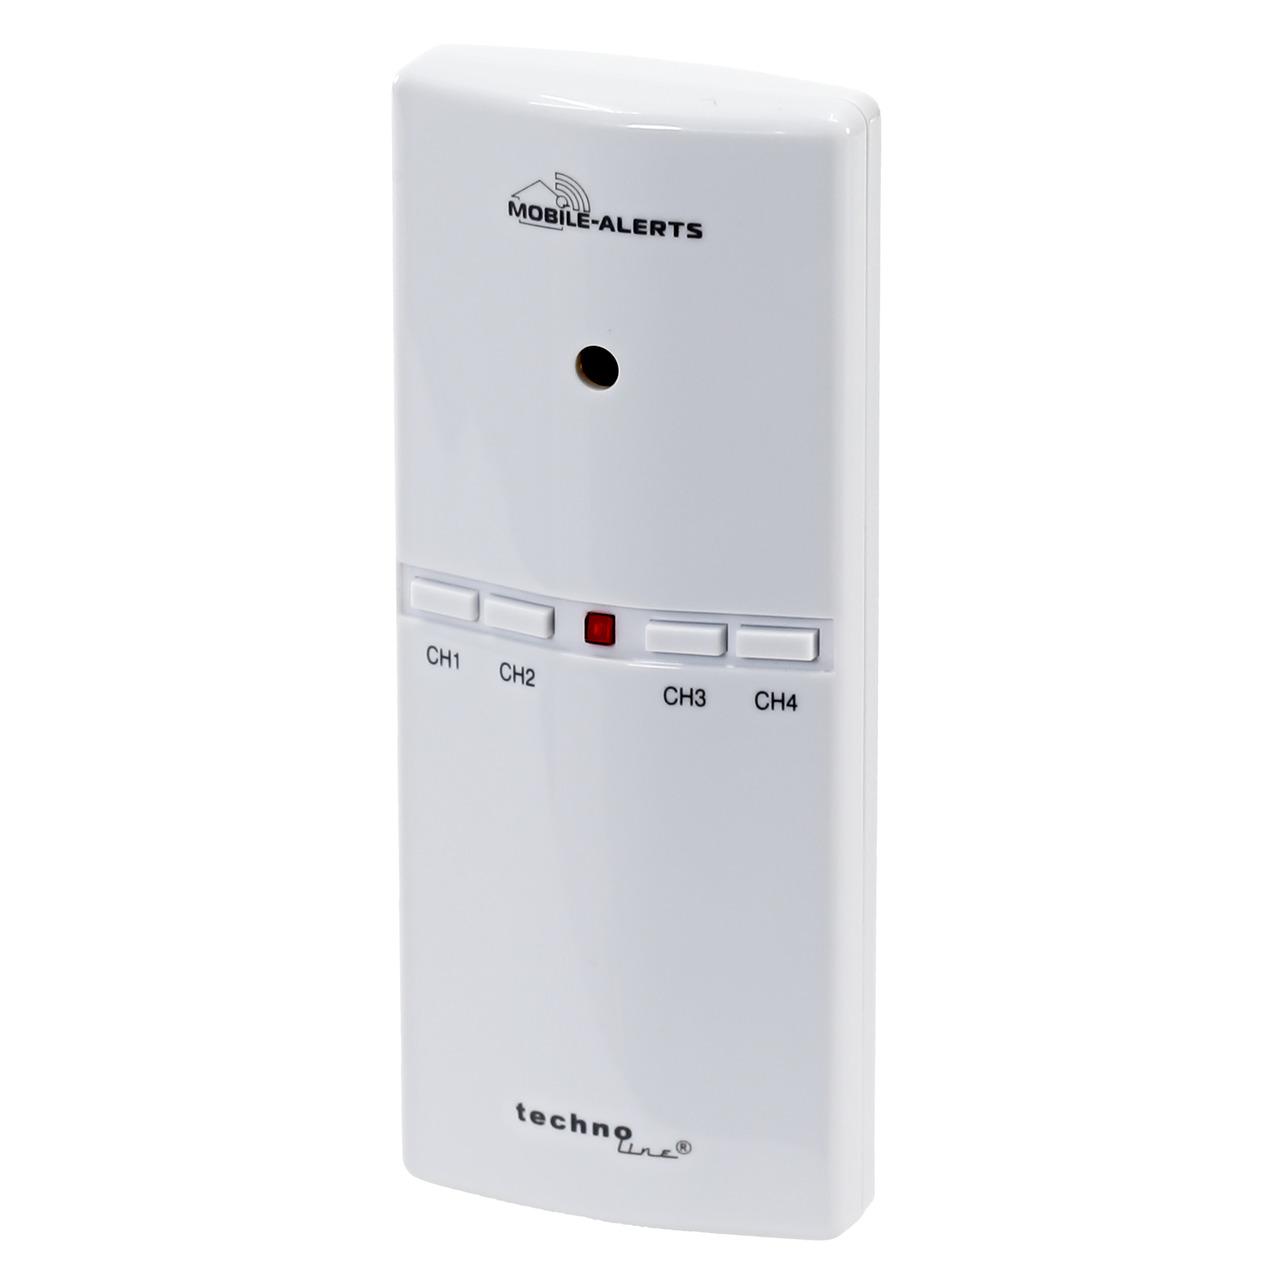 ELV Mobile Alerts Alarmgeber MA10860 fund-252 r Gefahrenmelder- inkl- Temperatursensor